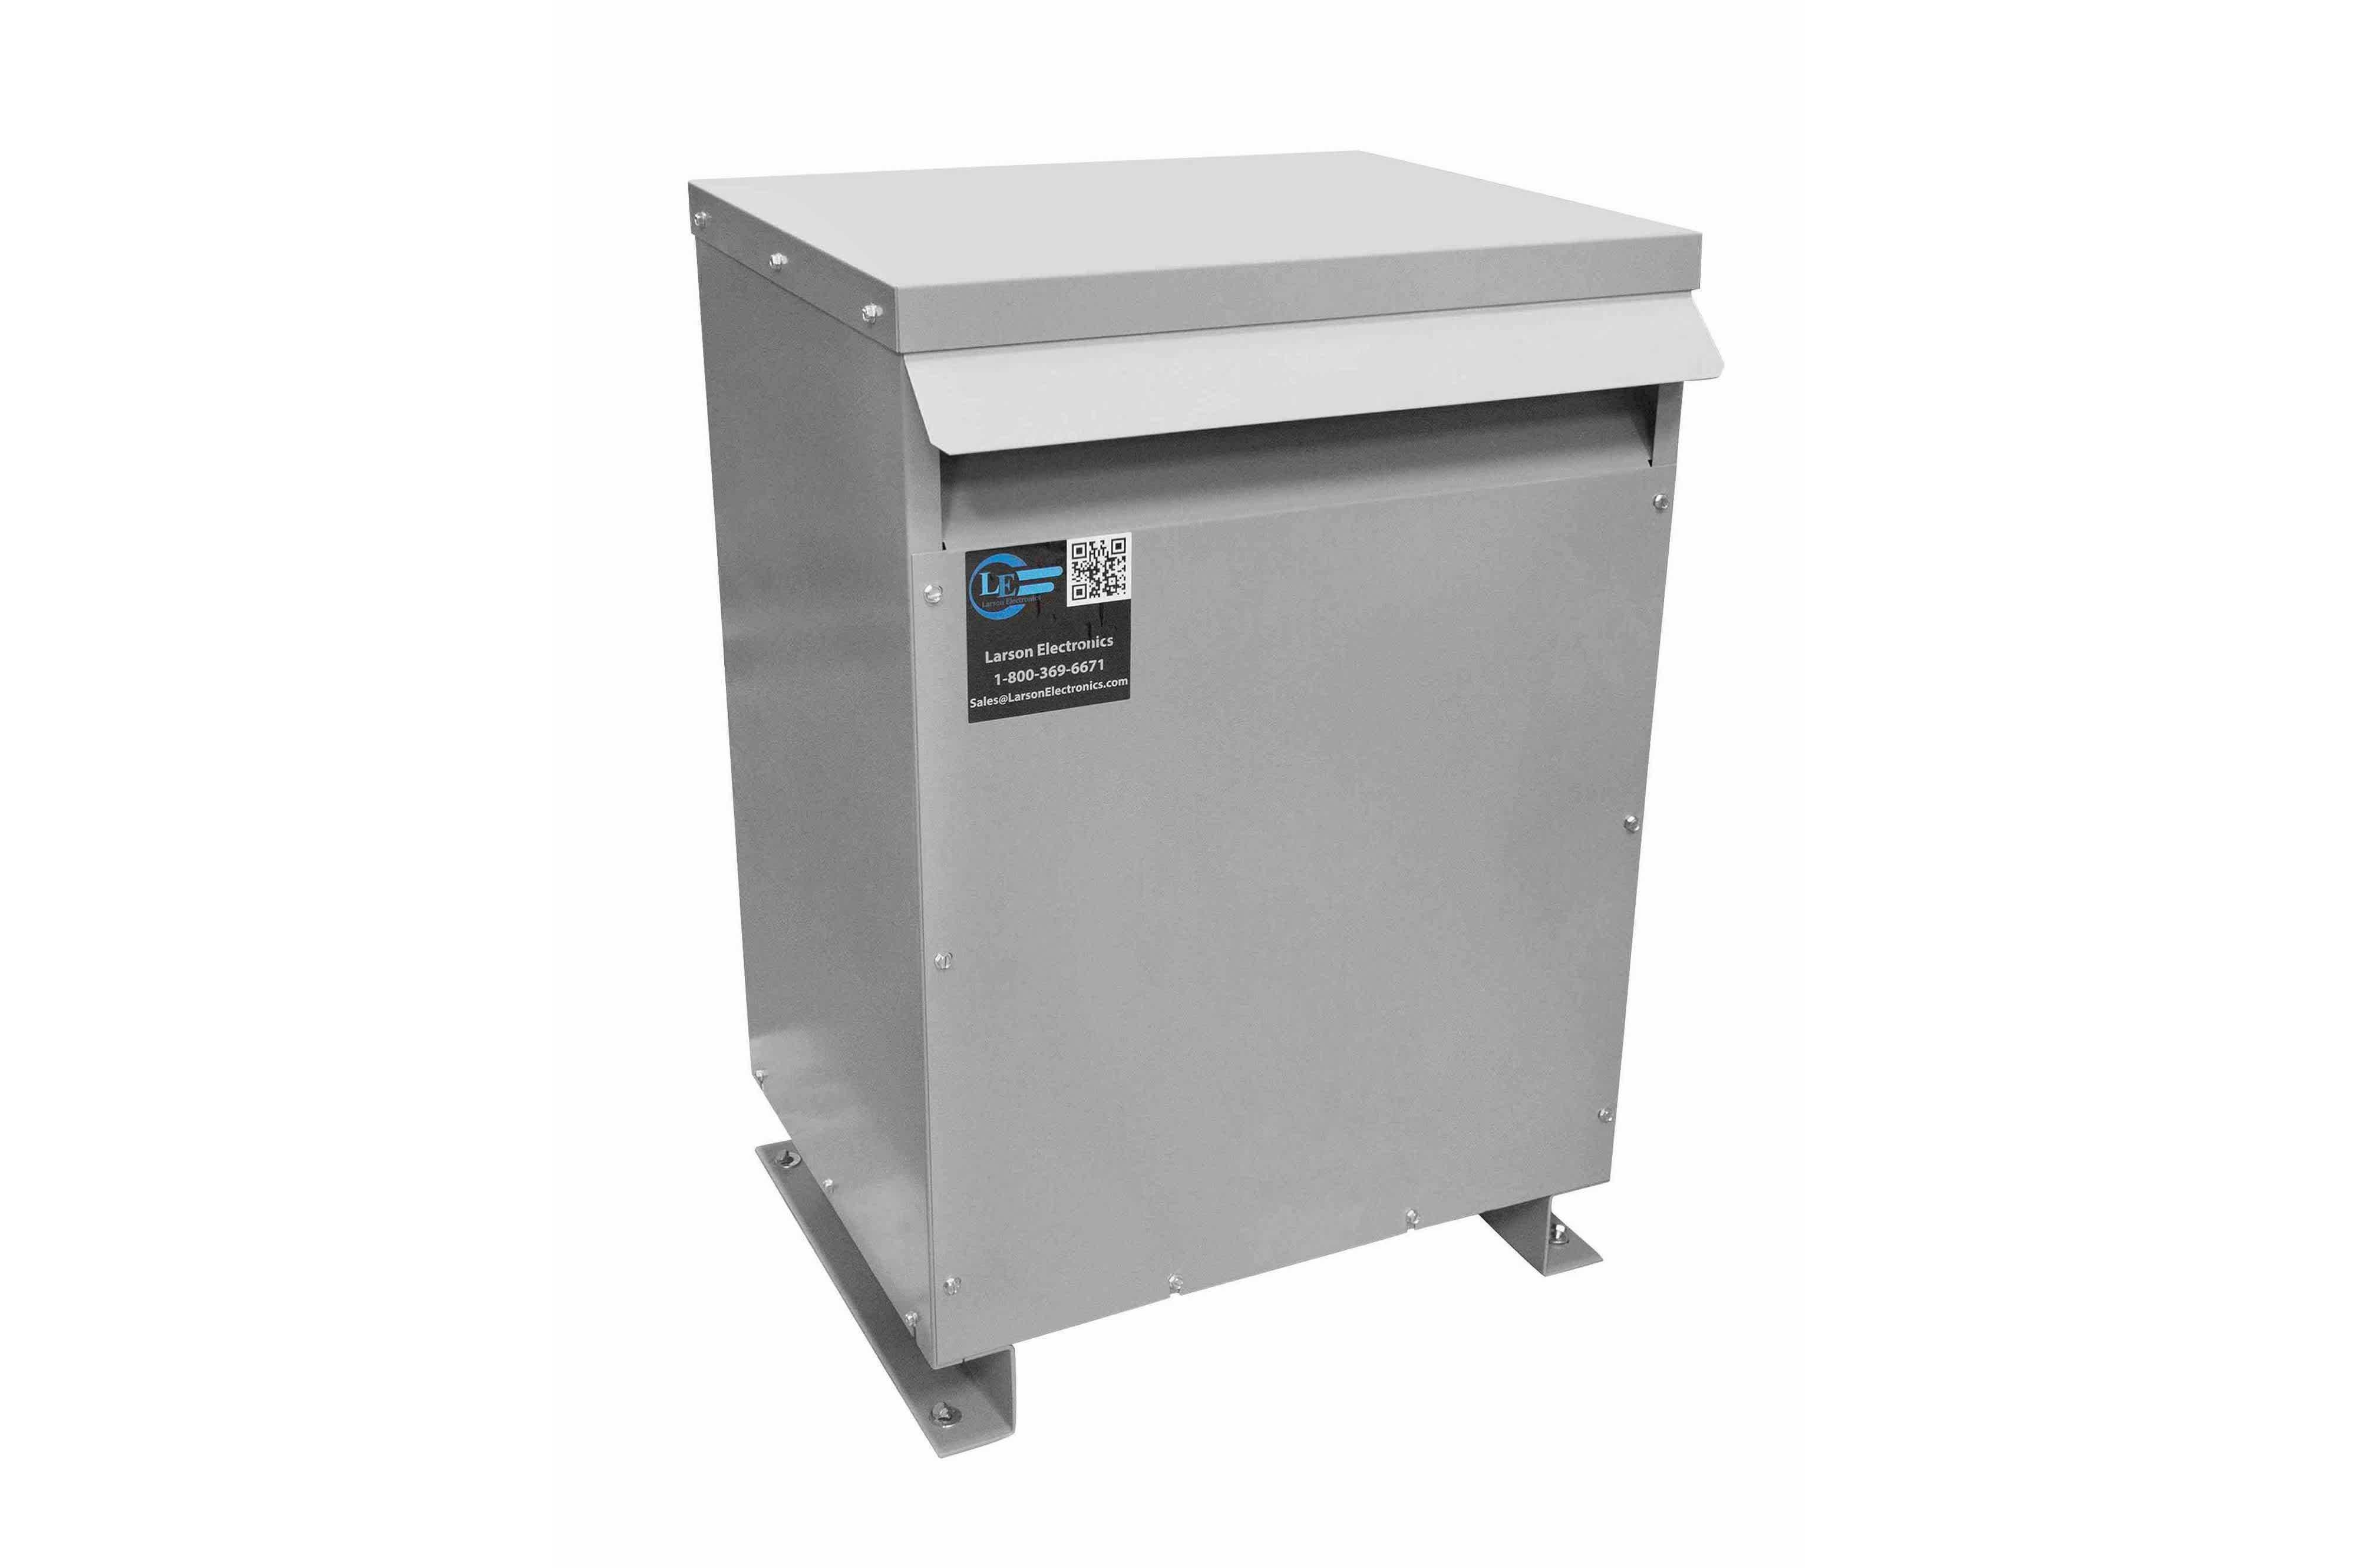 1000 kVA 3PH Isolation Transformer, 240V Delta Primary, 415V Delta Secondary, N3R, Ventilated, 60 Hz